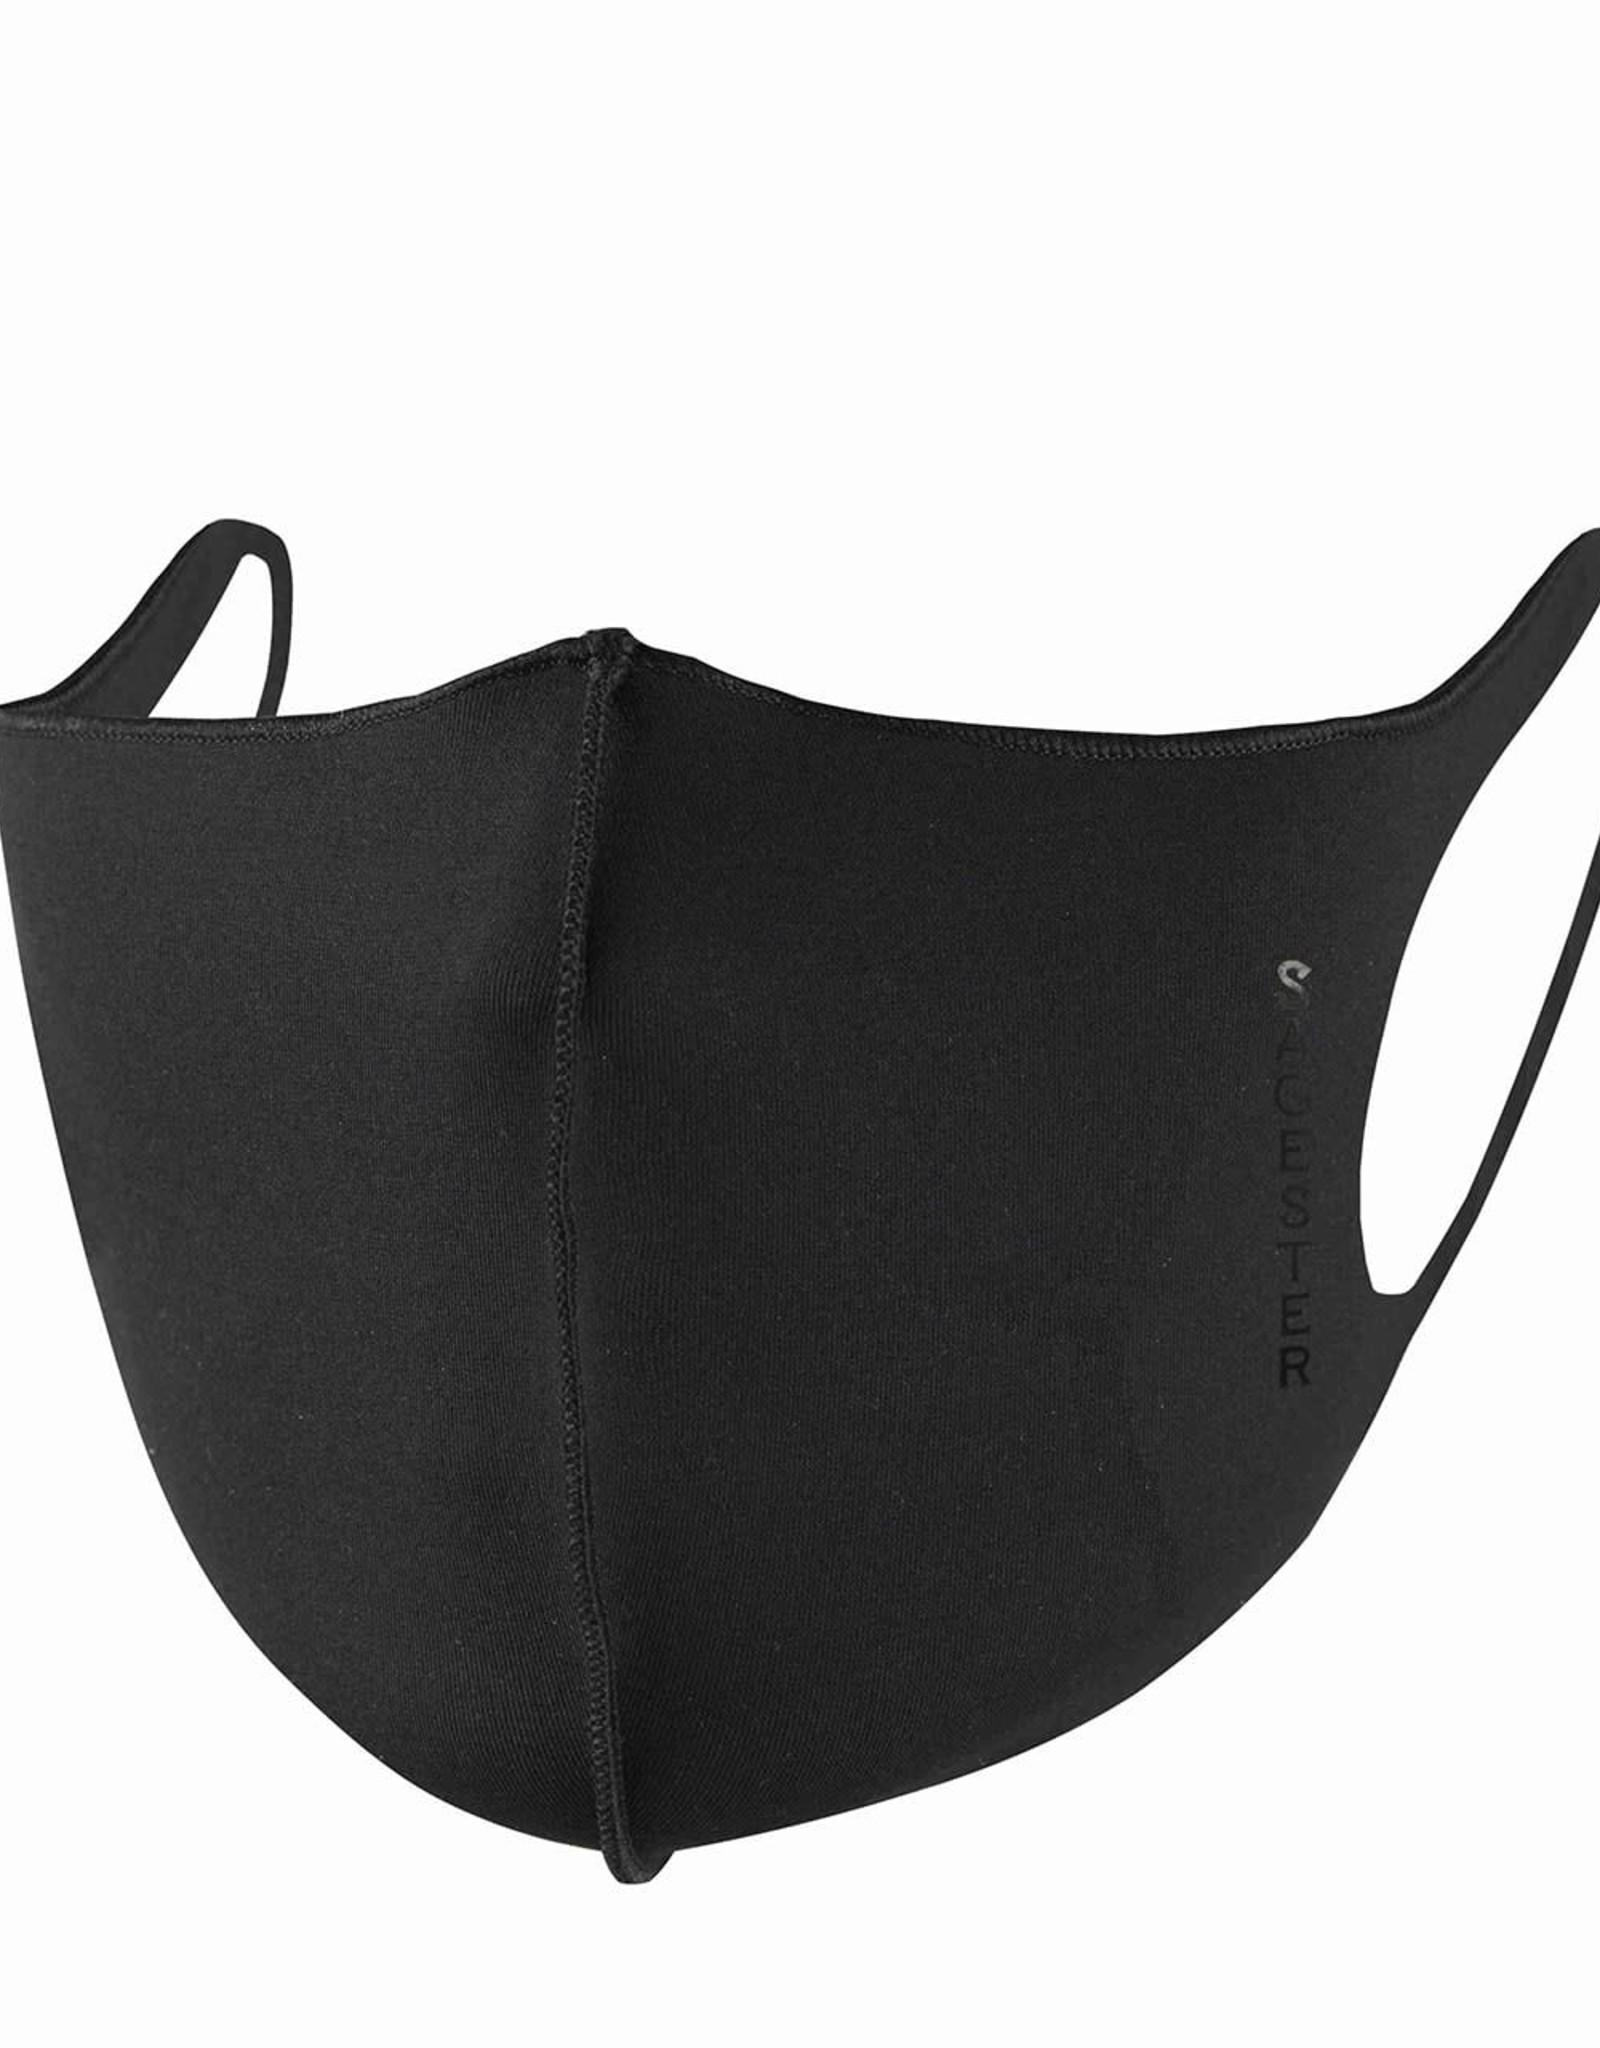 Sagester Filtering Mask M015